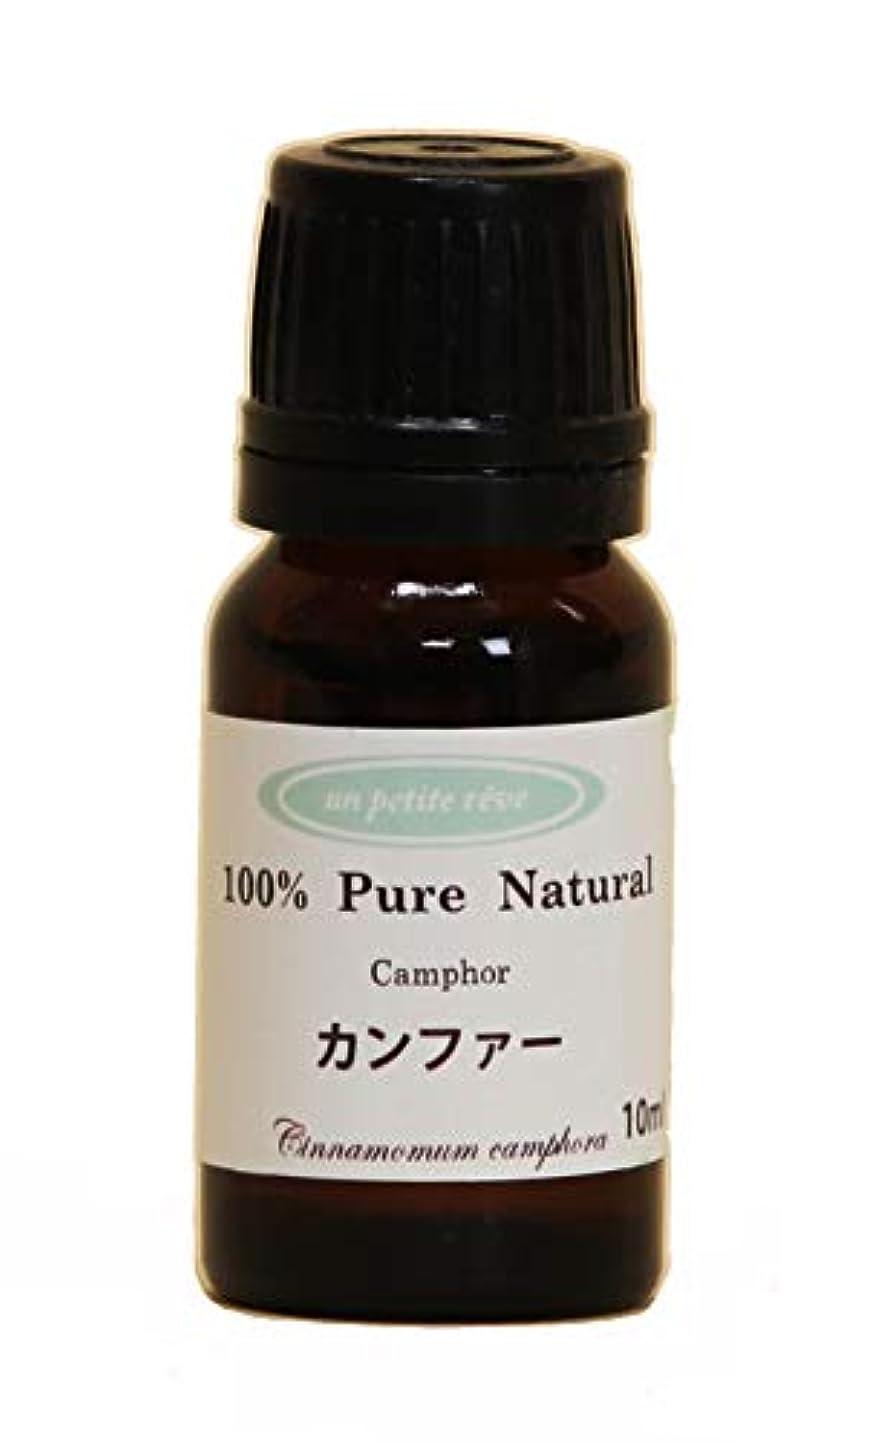 梨圧倒的正しいカンファー  10ml 100%天然アロマエッセンシャルオイル(精油)